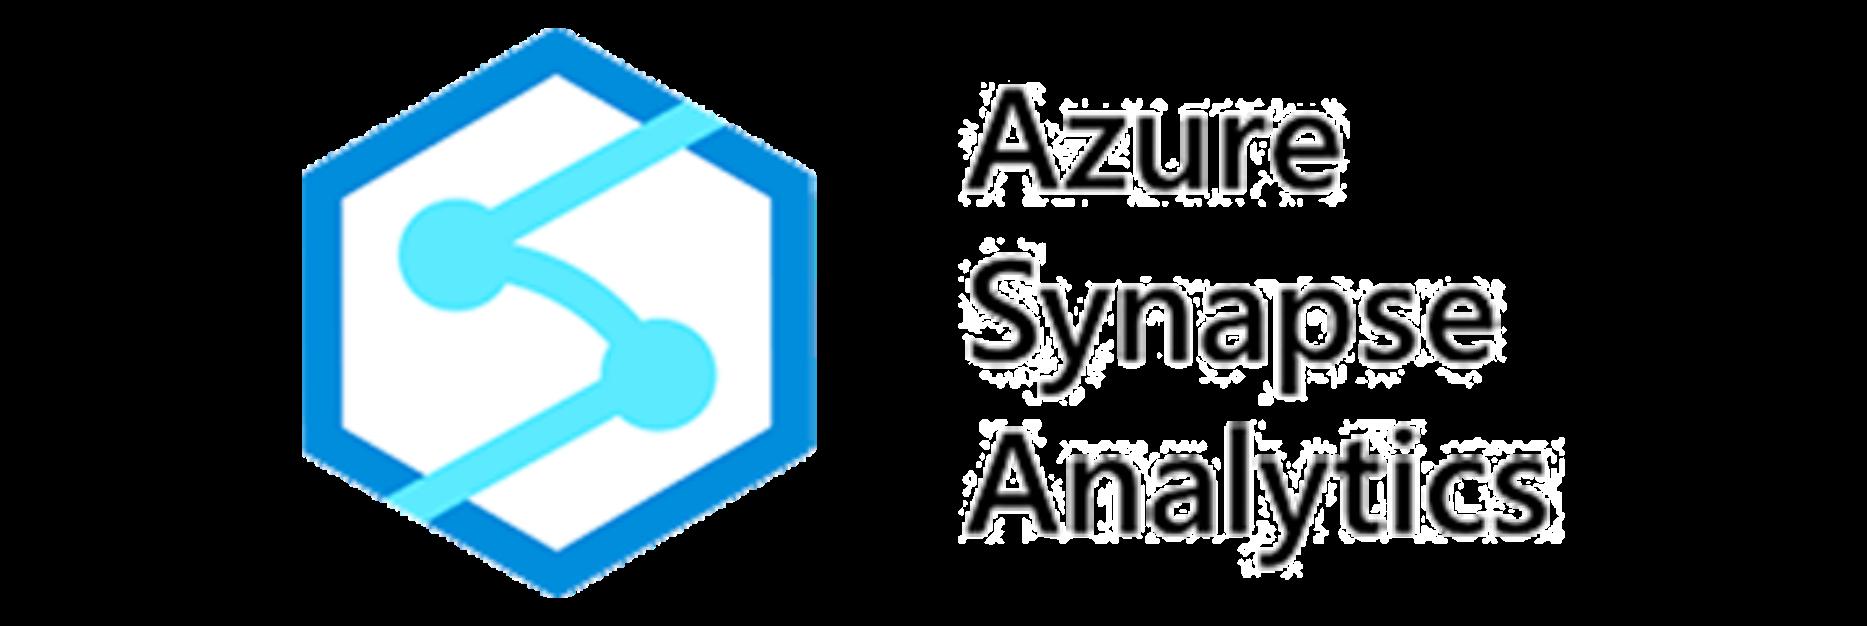 Azure synapse analytics logo